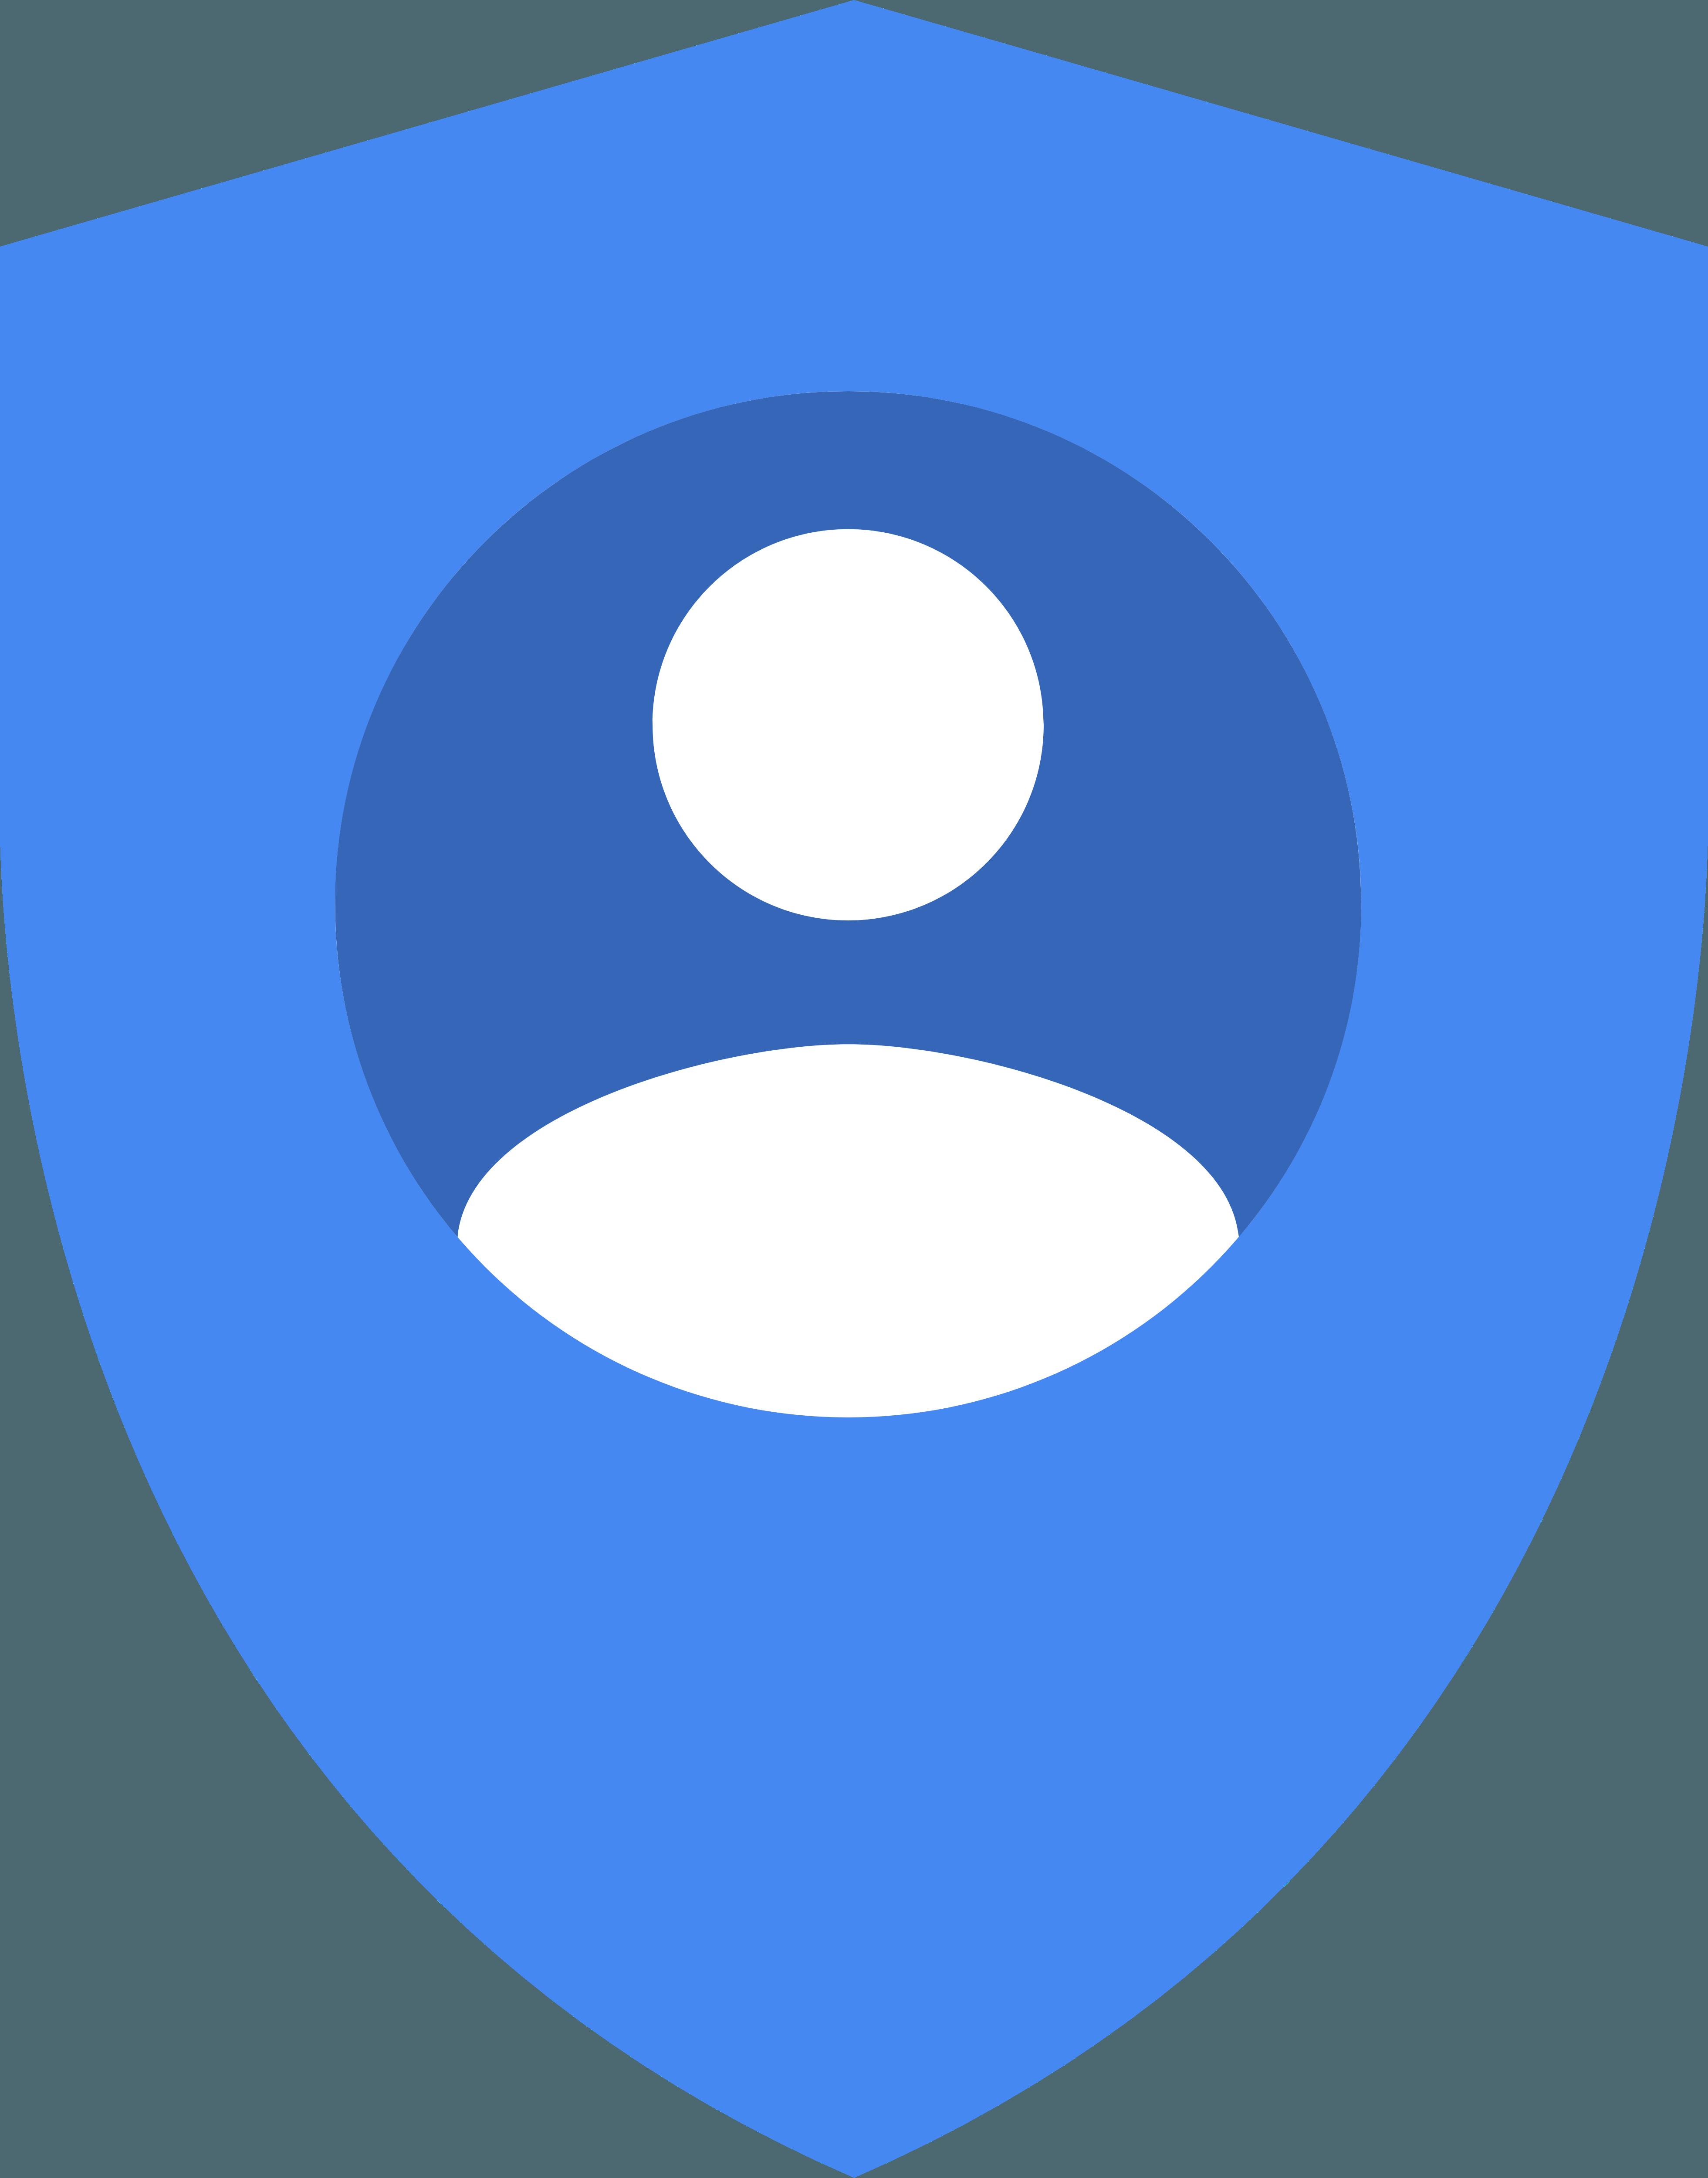 Google Account Logo - LogoDix